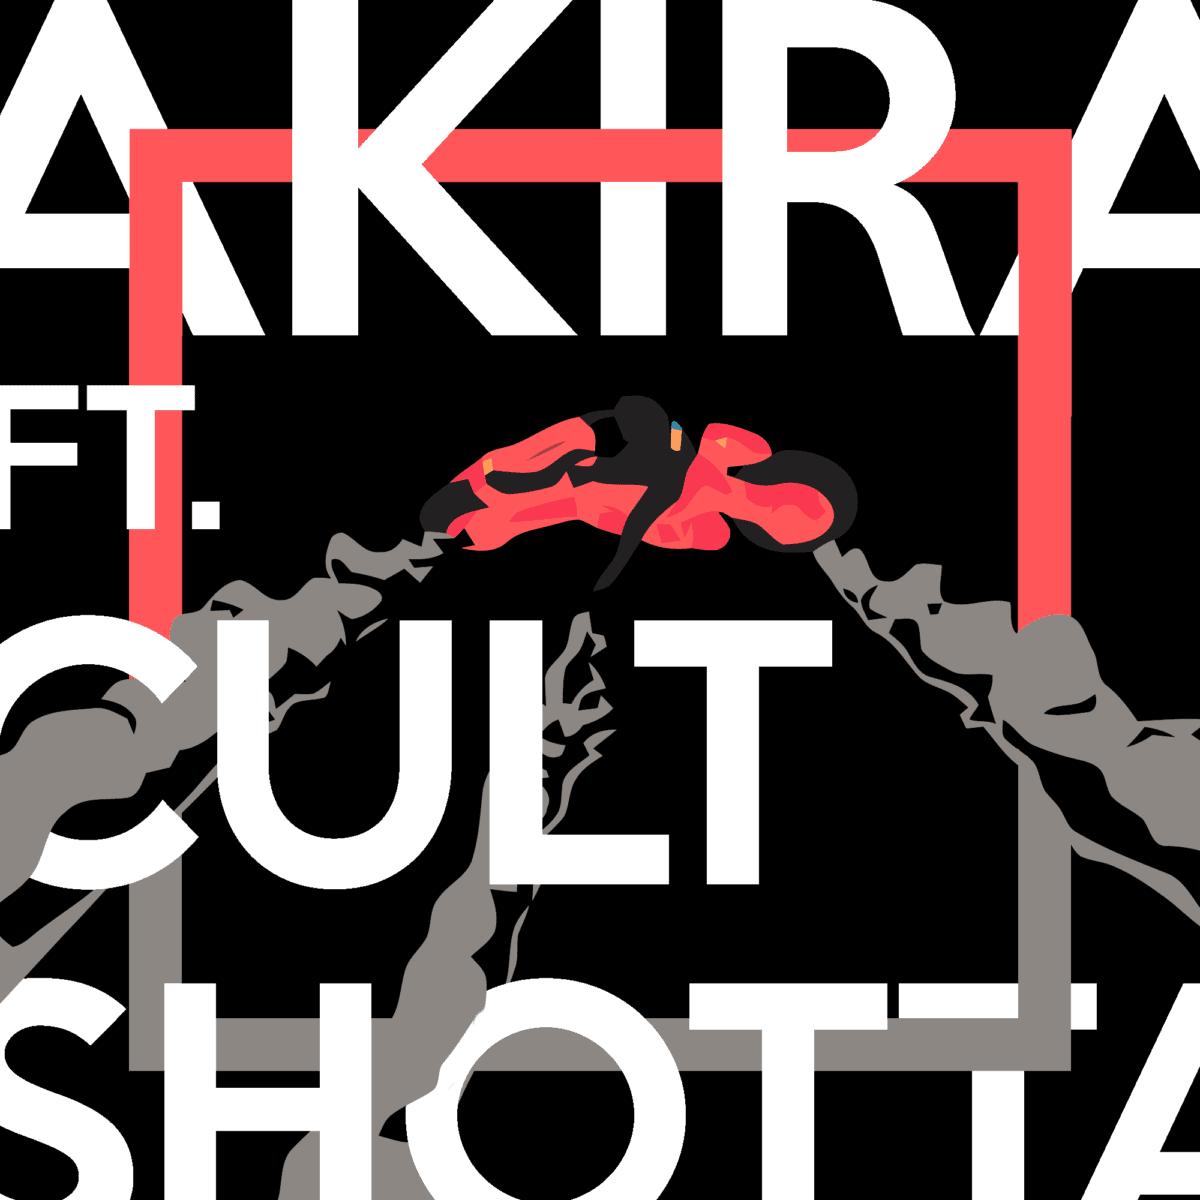 AKIRA ft. Cult Shøtta [AUD'$ Exclusive Premiere]